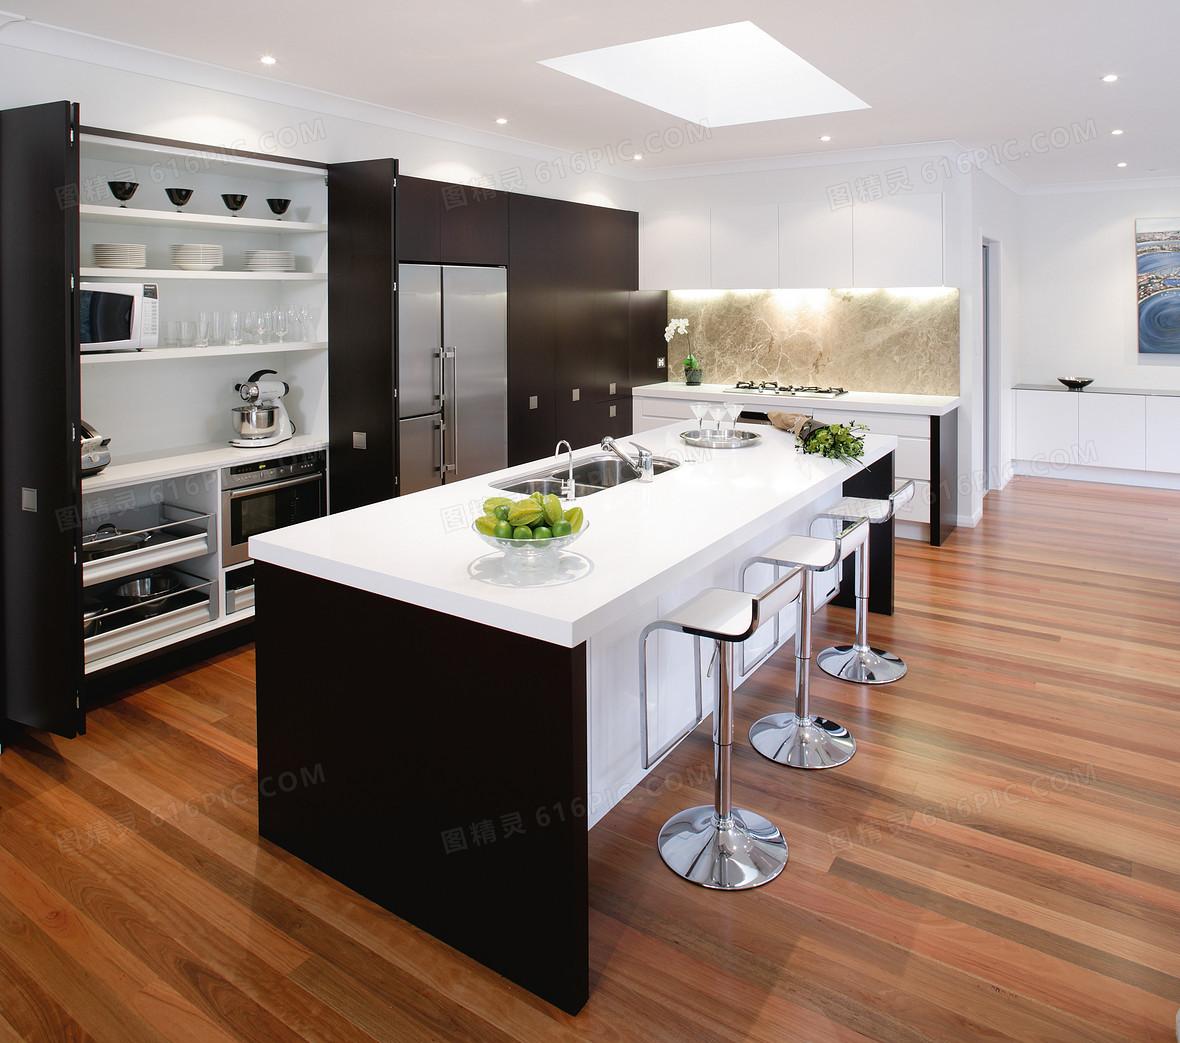 简约家居厨房橱柜地板宣传海报背景素材